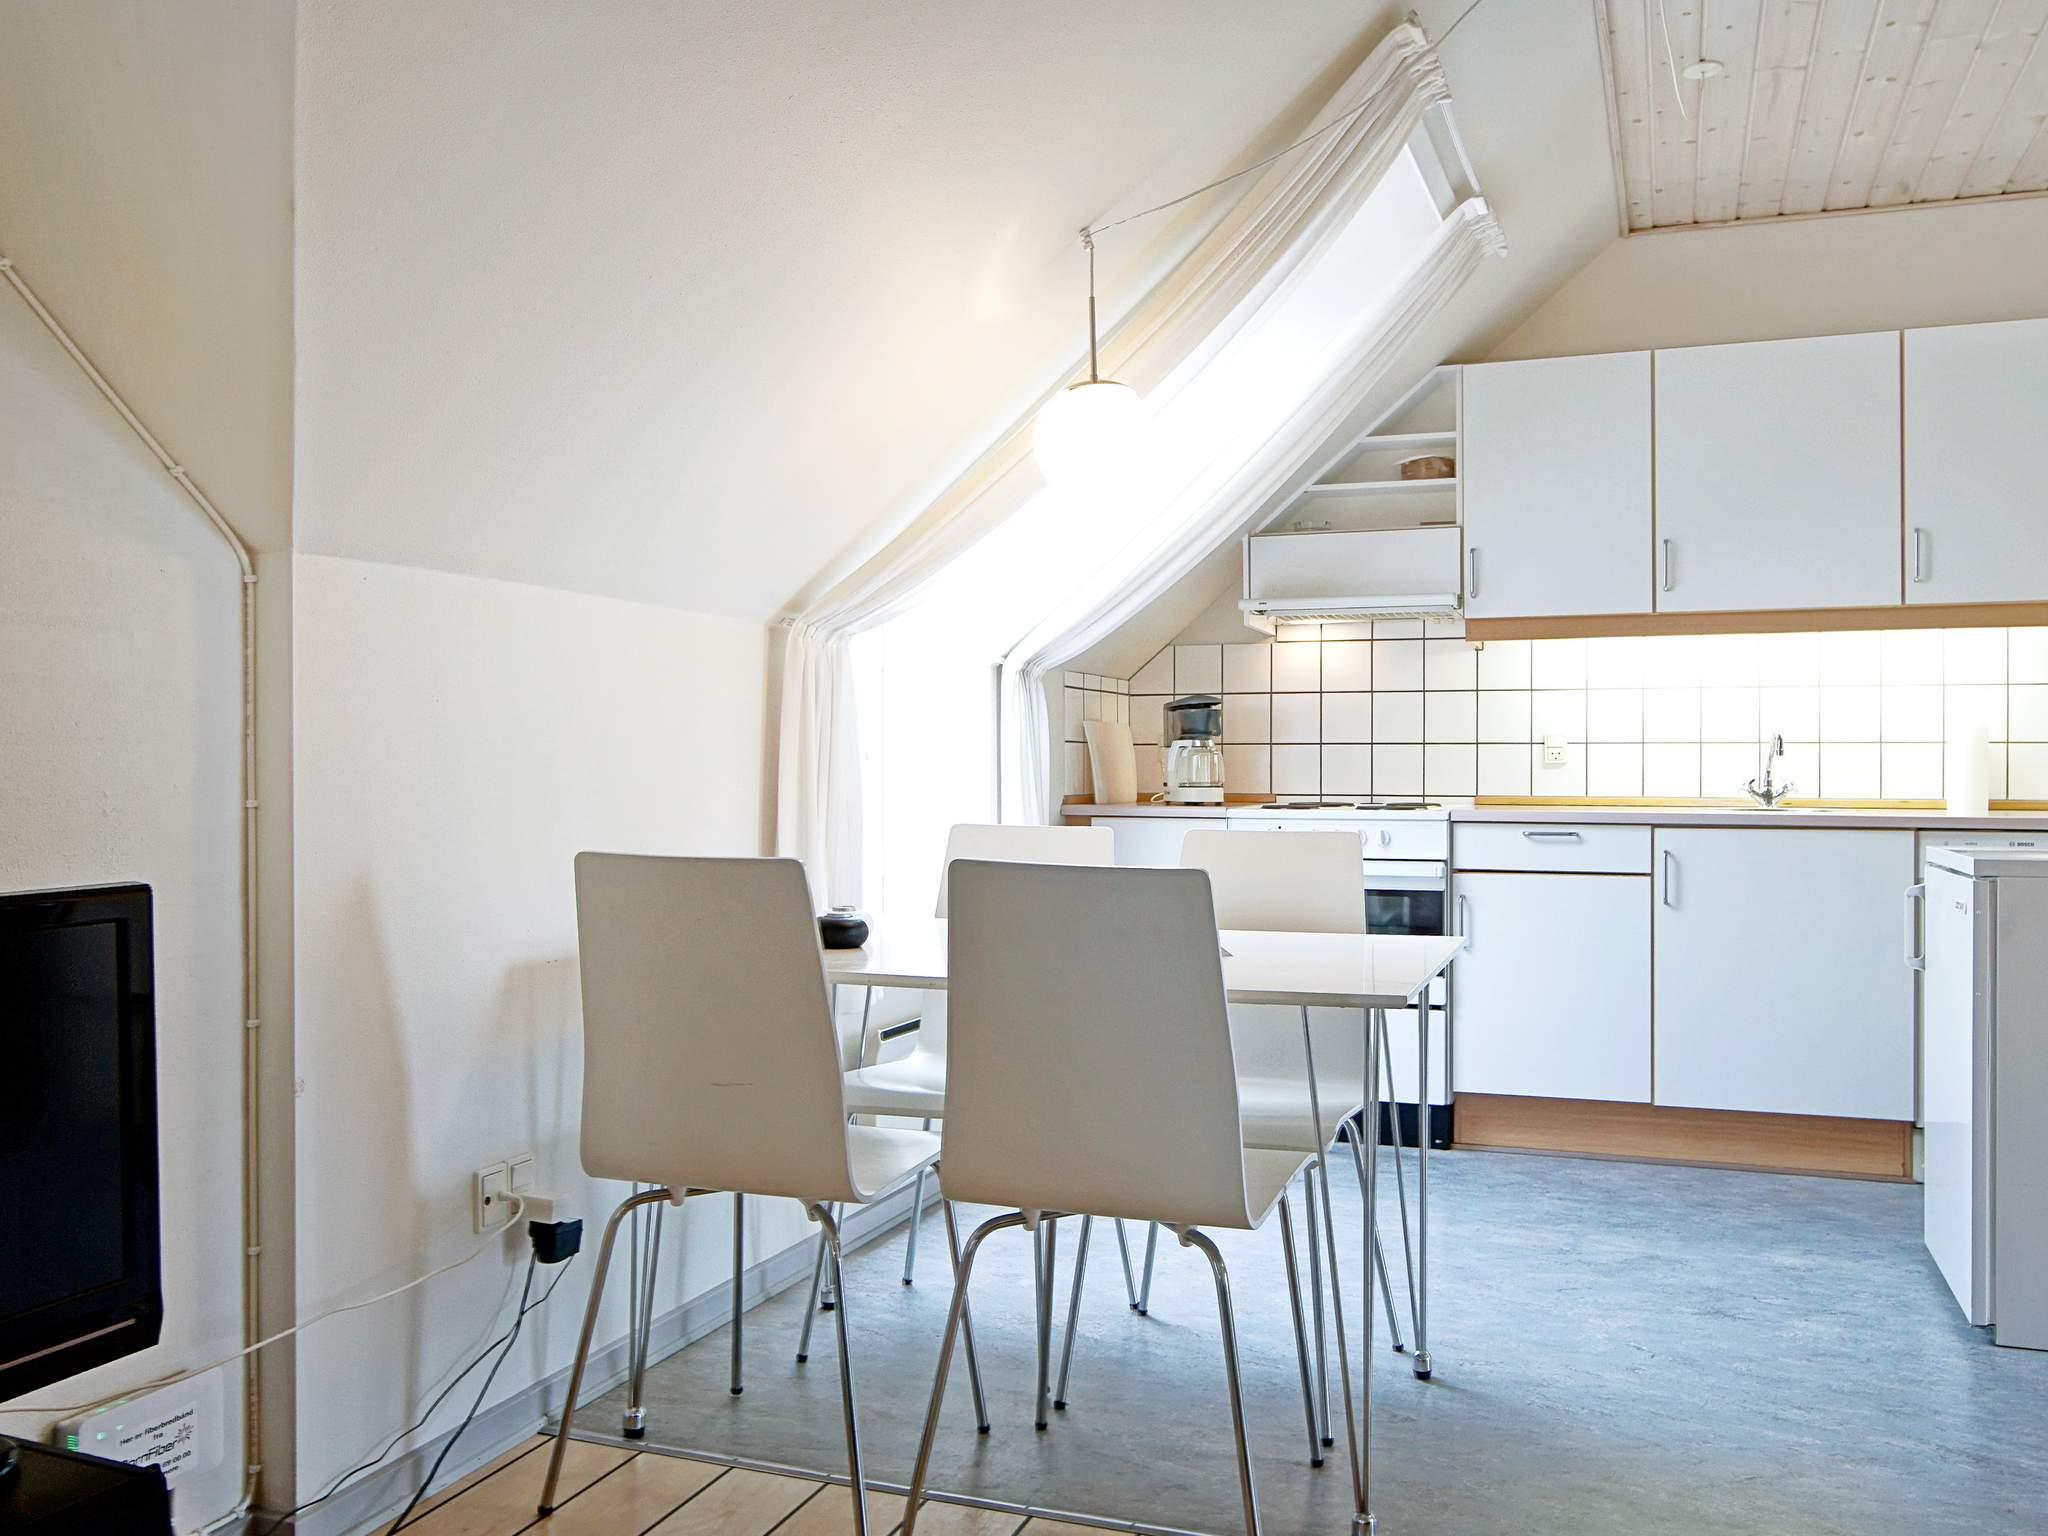 Ferienhaus Gudhjem (385014), Gudhjem, , Bornholm, Dänemark, Bild 4